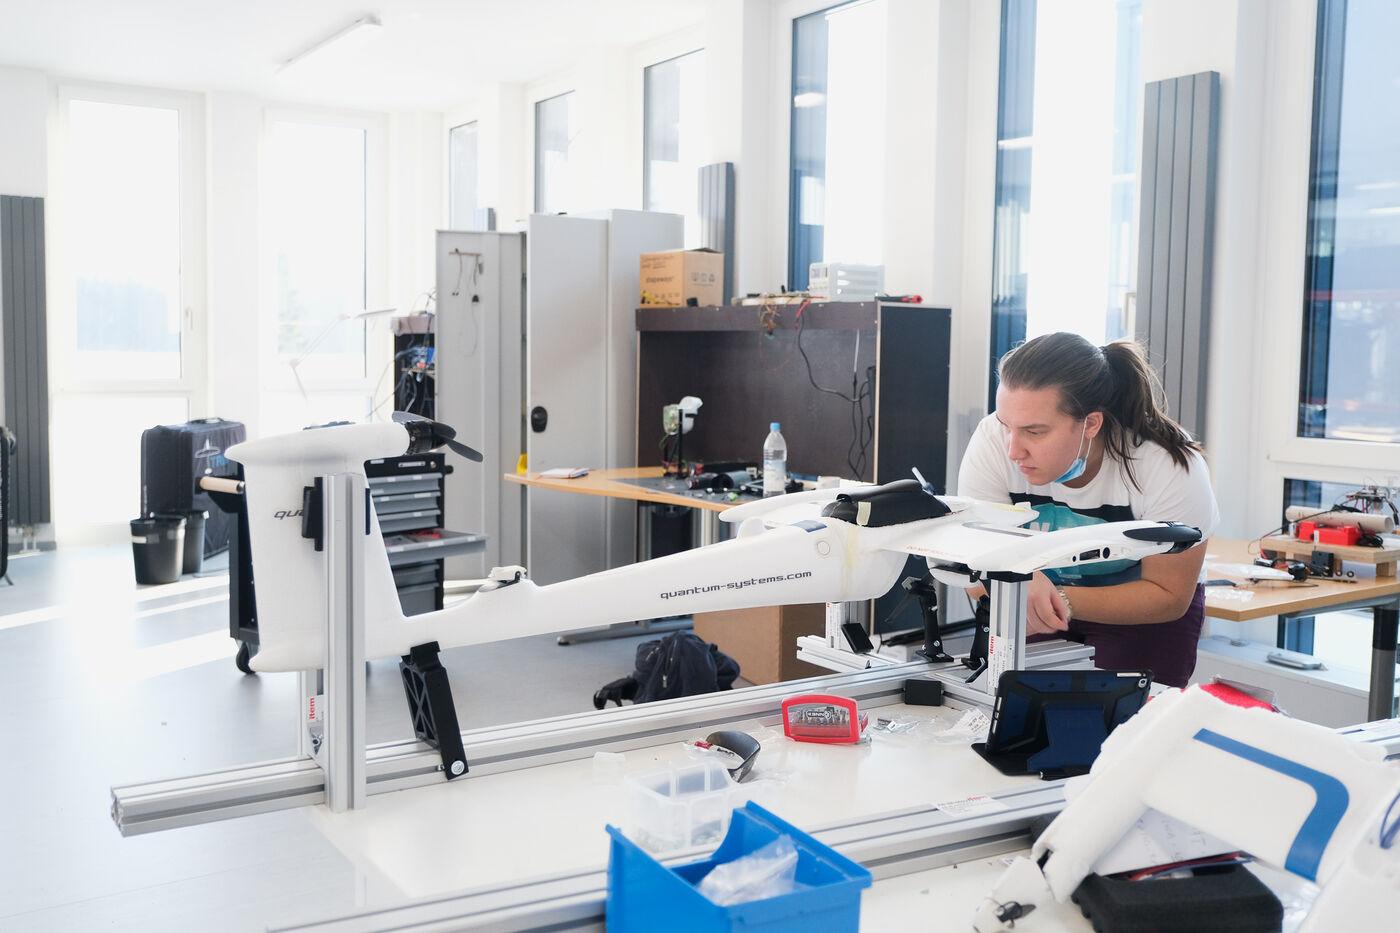 Mitarbeiter/in im technischen Support für Drohnen (m/w/d) - Job - Jobs